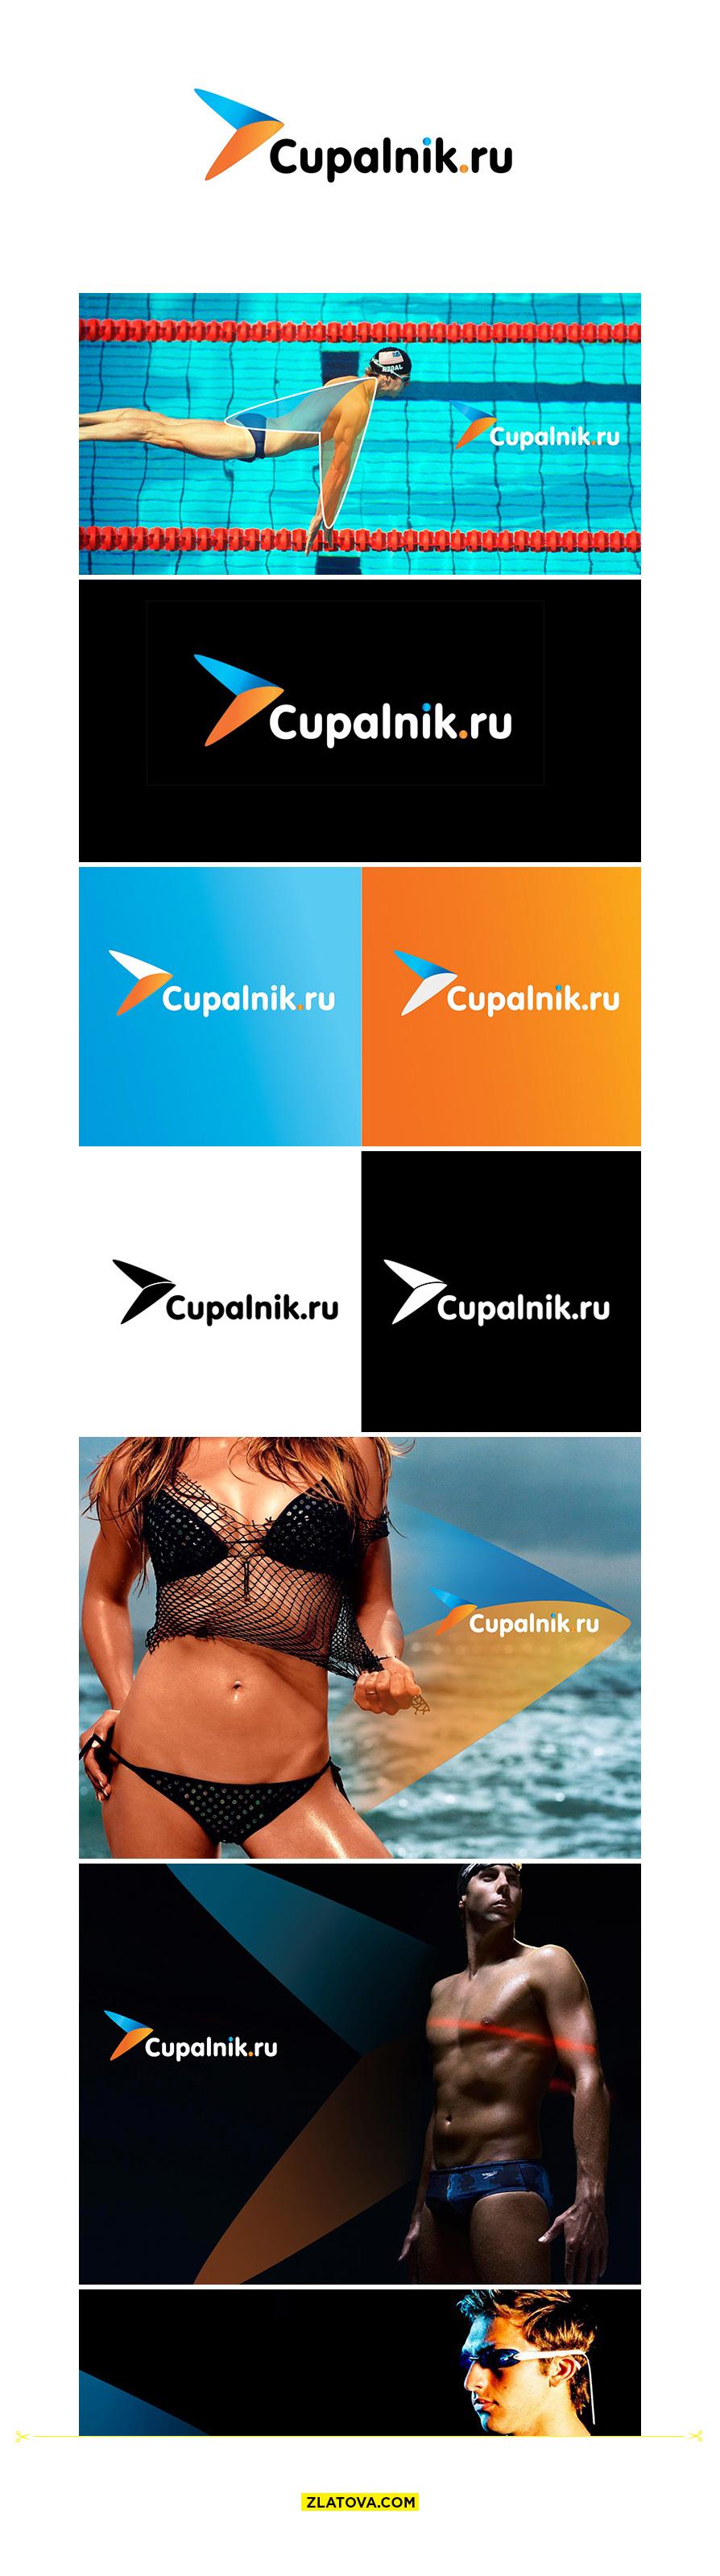 Cupalniki.ru